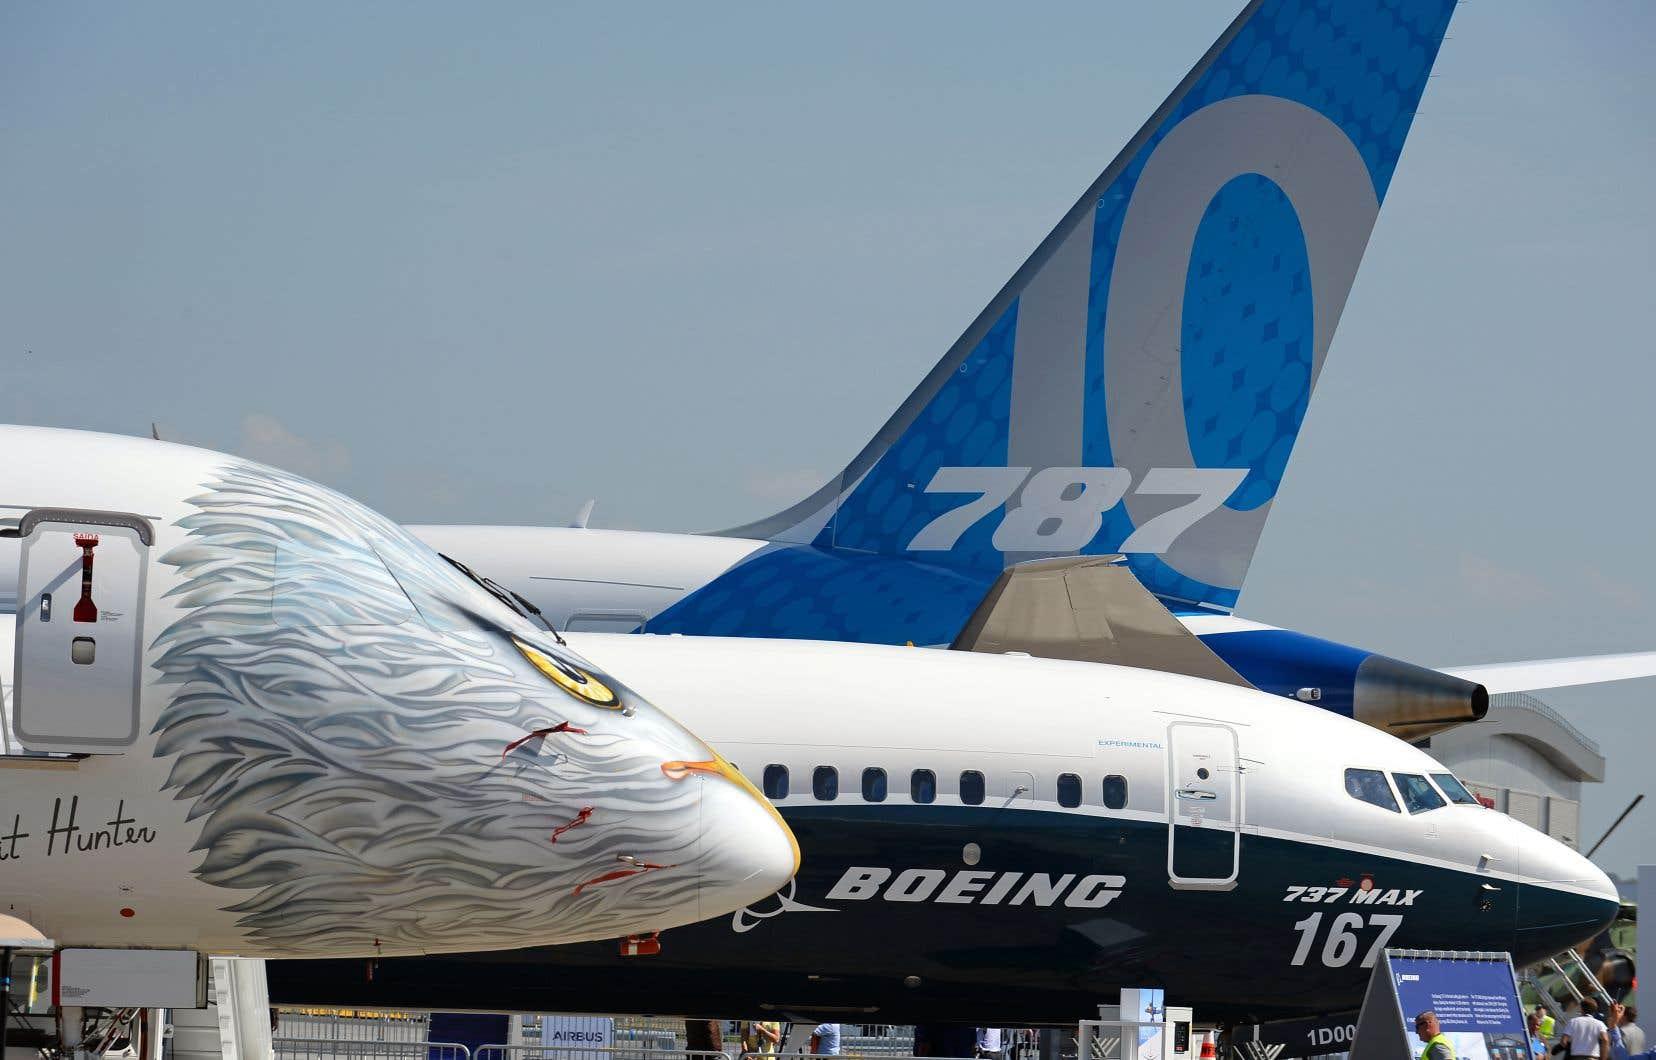 La prise de contrôle des avions de ligne d'Embraer permettrait à Boeing de regagner du terrain dans le moyen-courrier face à Airbus.